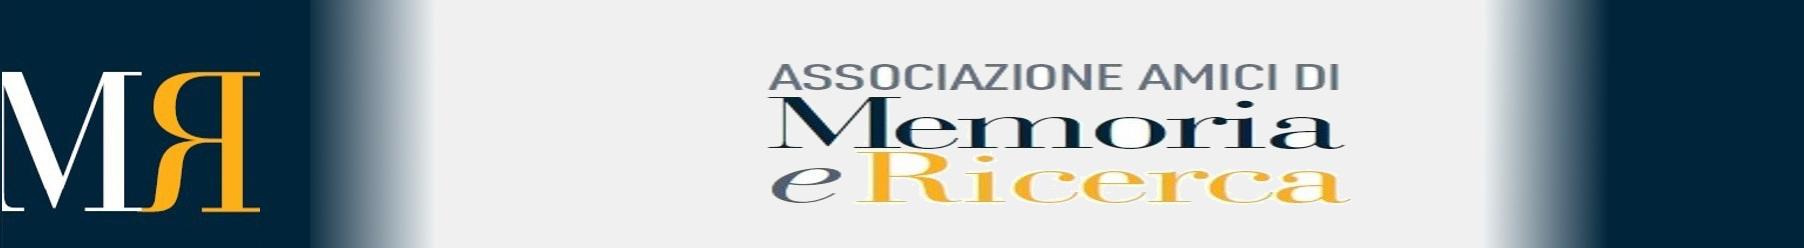 Associazione Amici di Memoria e Ricerca